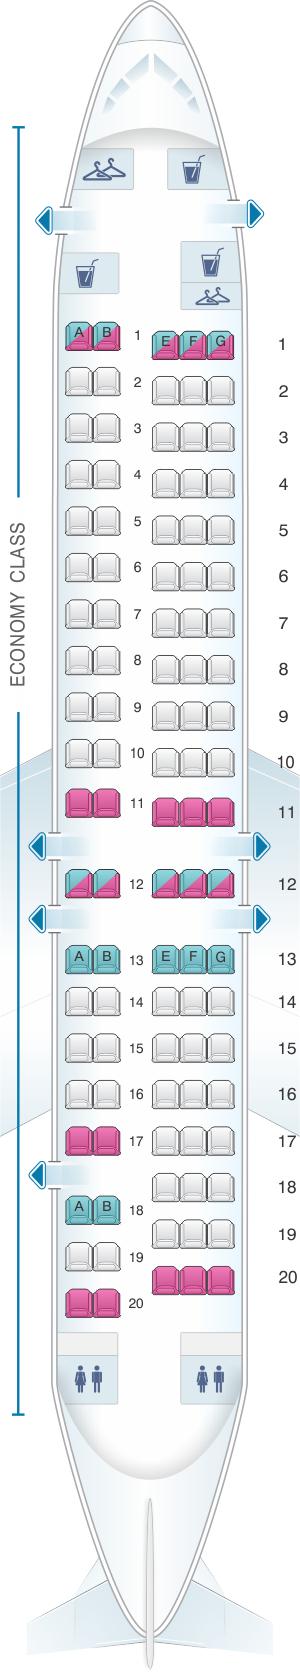 Seat map for Virgin Australia Fokker 100